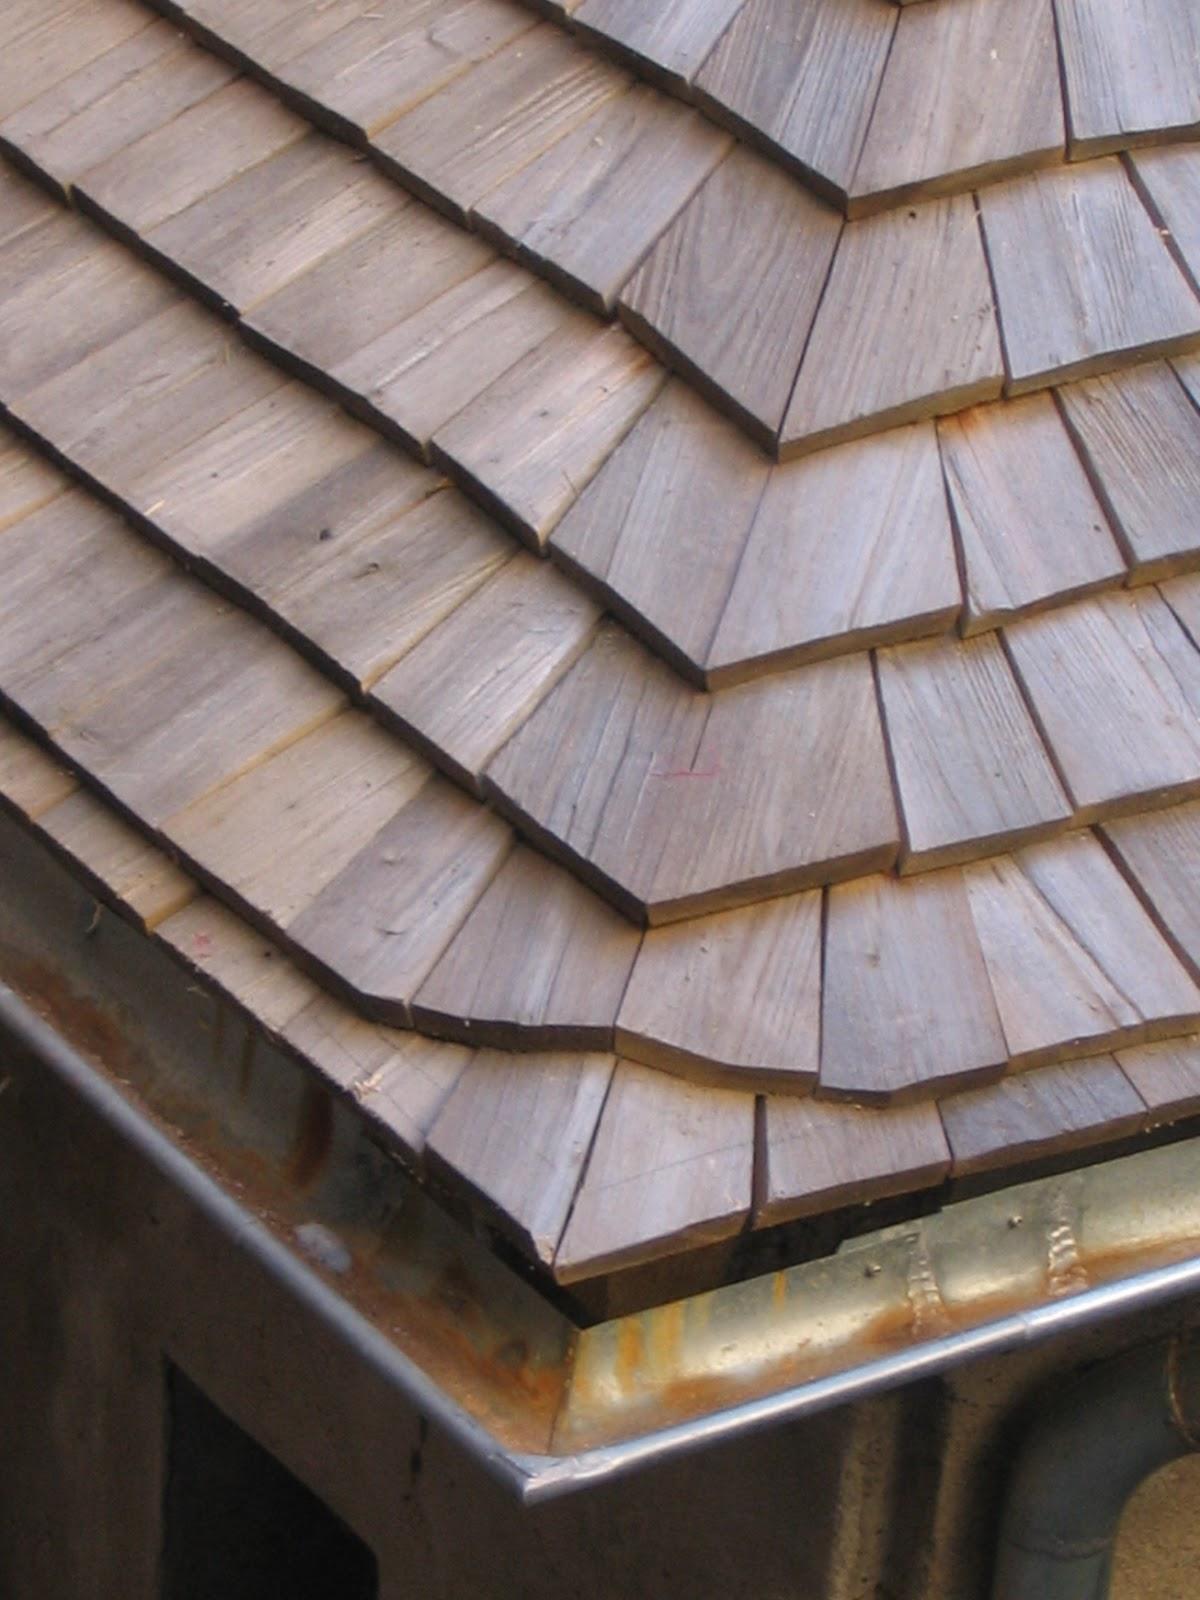 le toit de bois description du bardeau en ch taignier. Black Bedroom Furniture Sets. Home Design Ideas